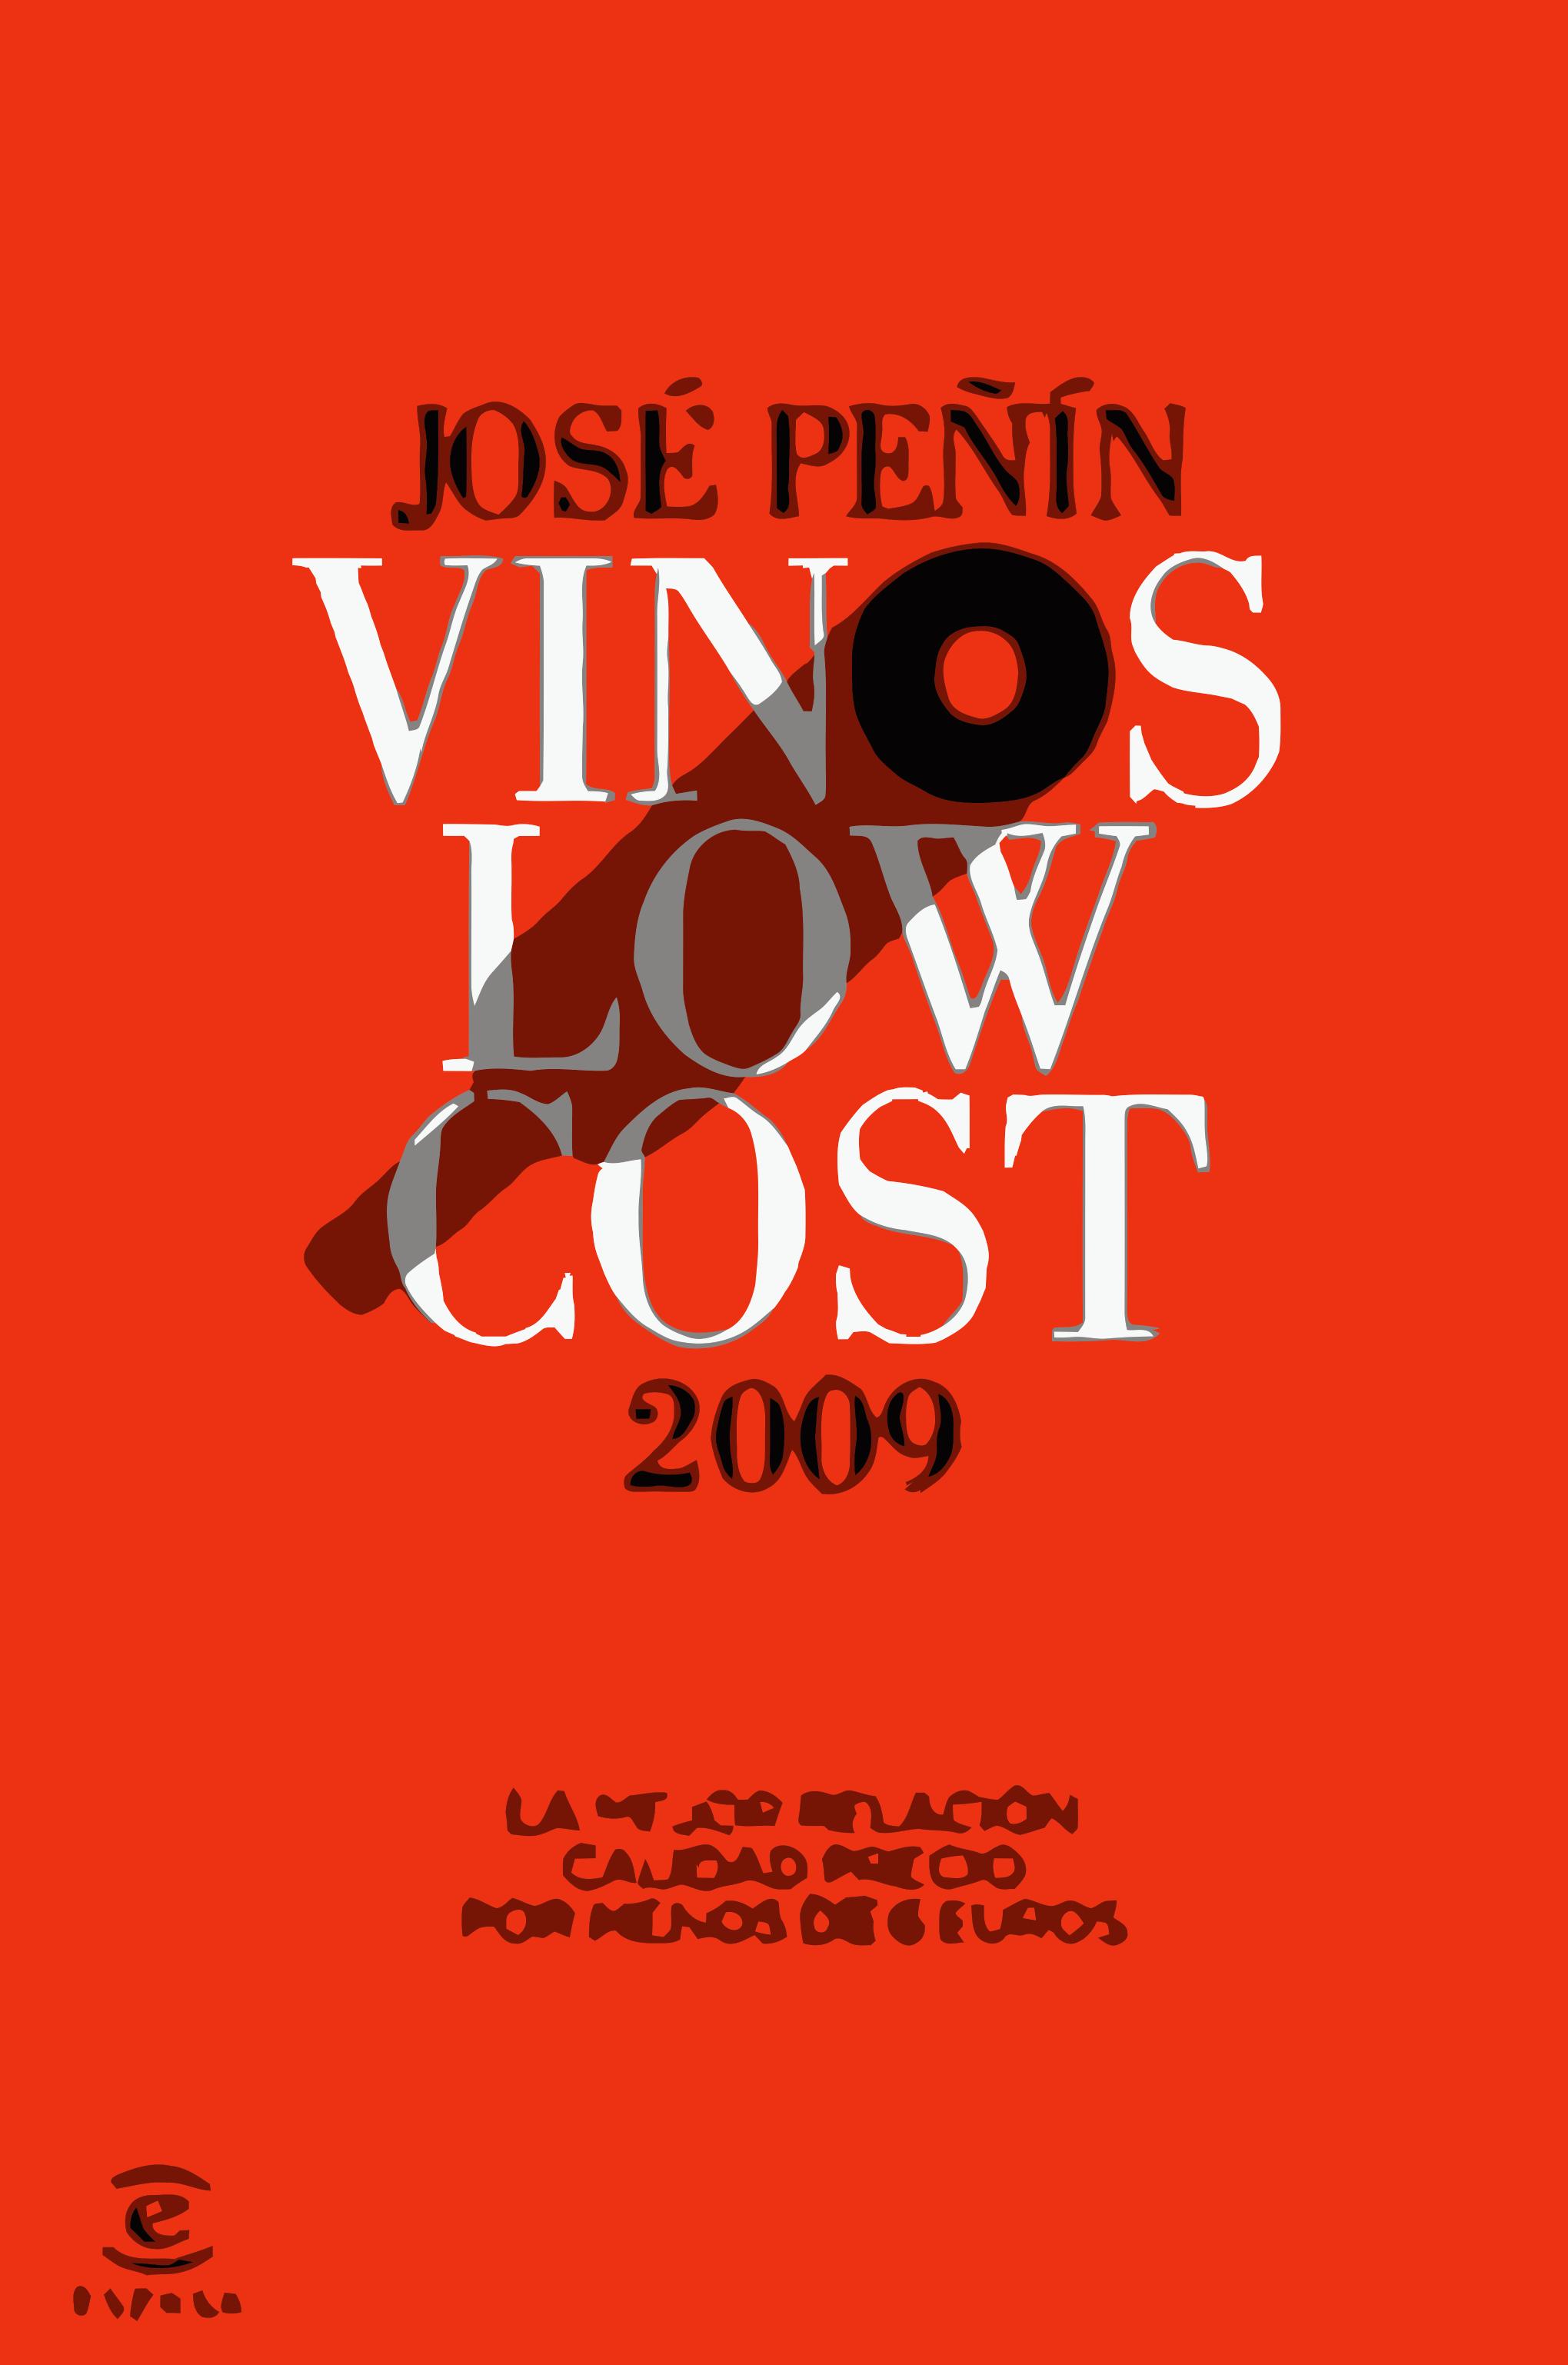 Guía de vinos low cost 2009